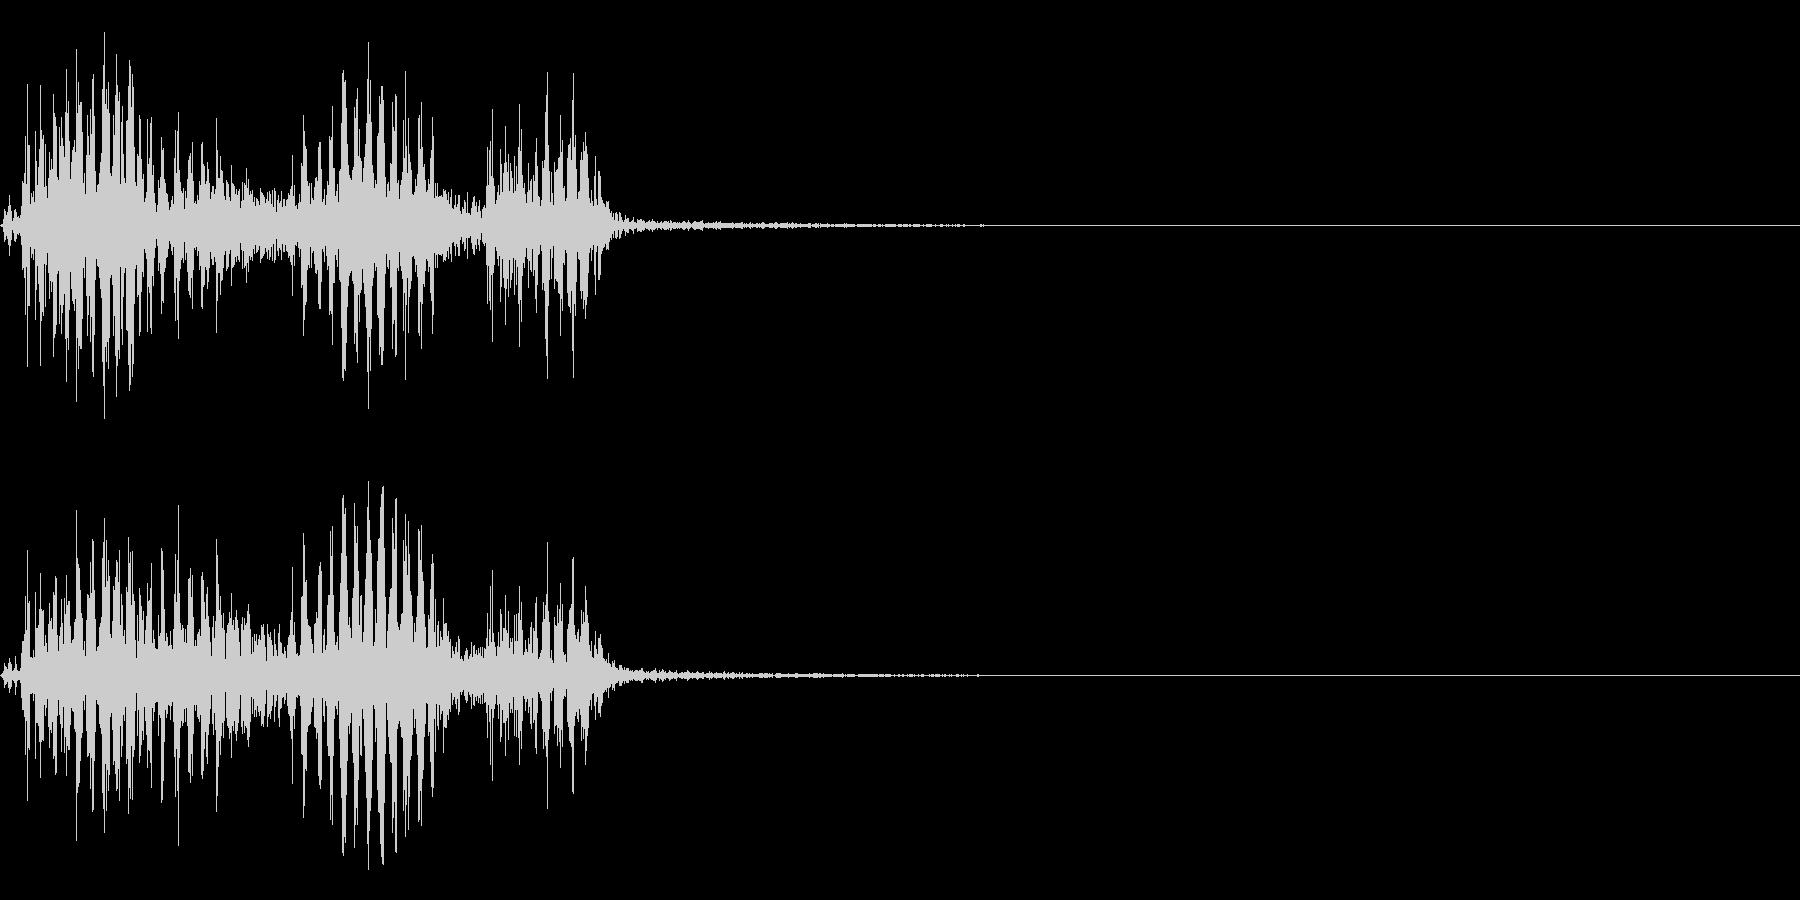 【生録音】フラミンゴの鳴き声 31の未再生の波形